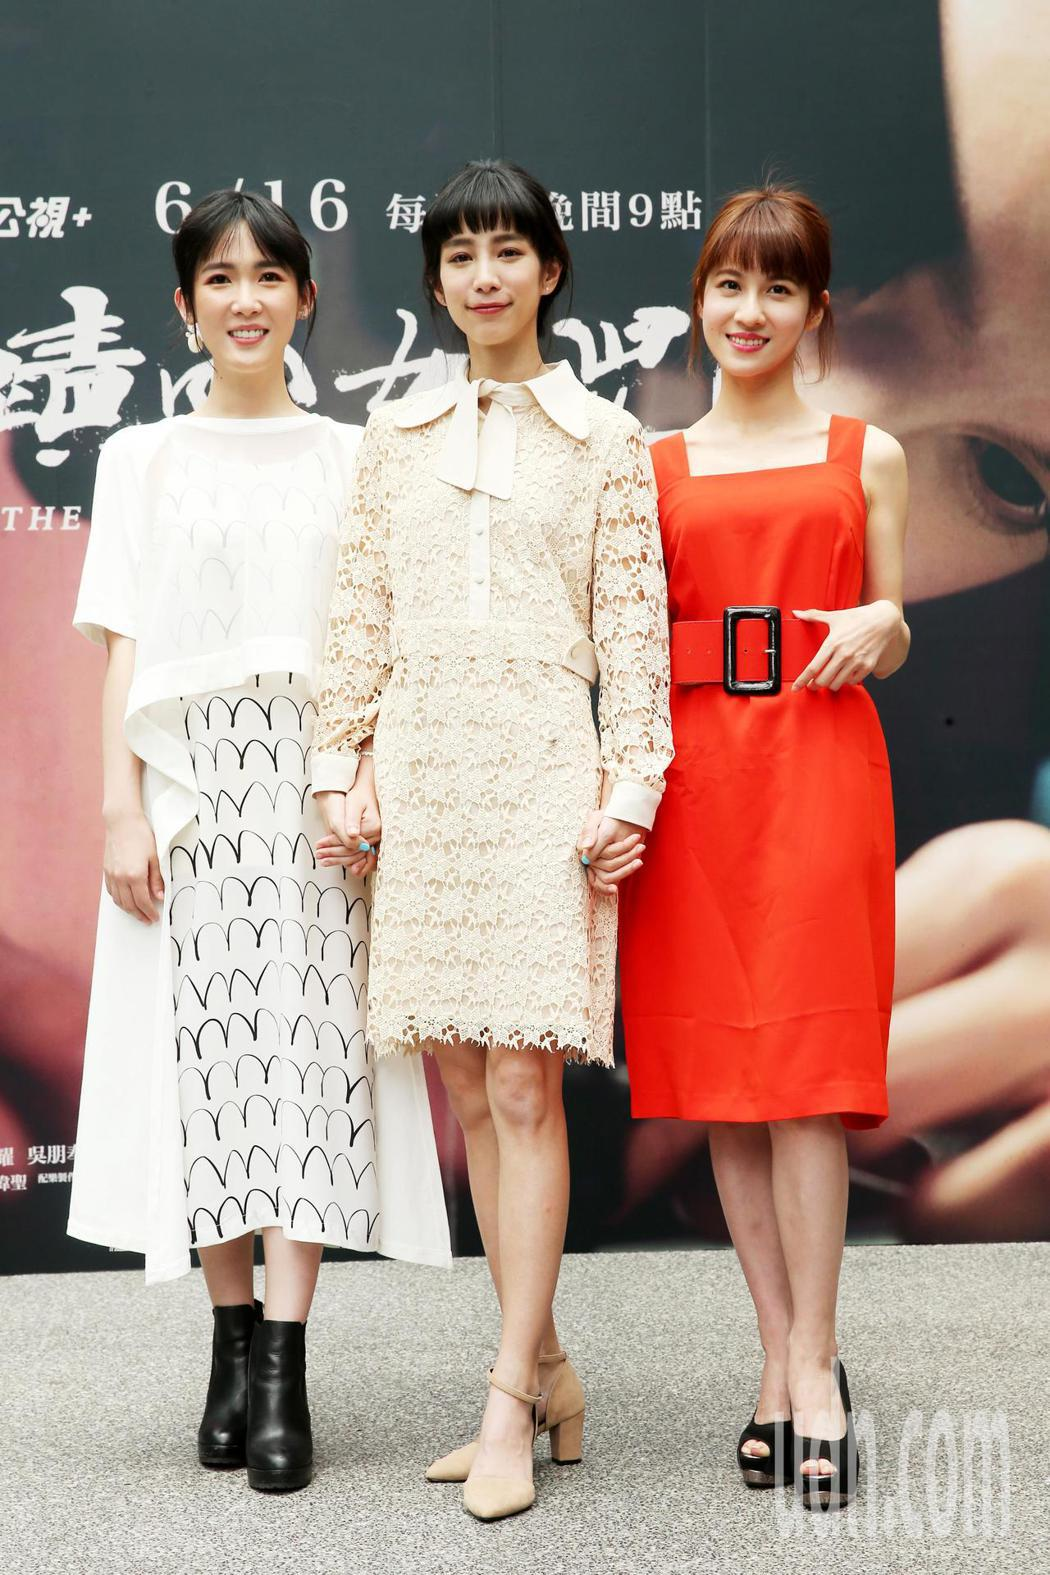 孫可芳(左)、温貞菱(中)及連俞涵(右)出席首映記者會。記者徐兆玄/攝影